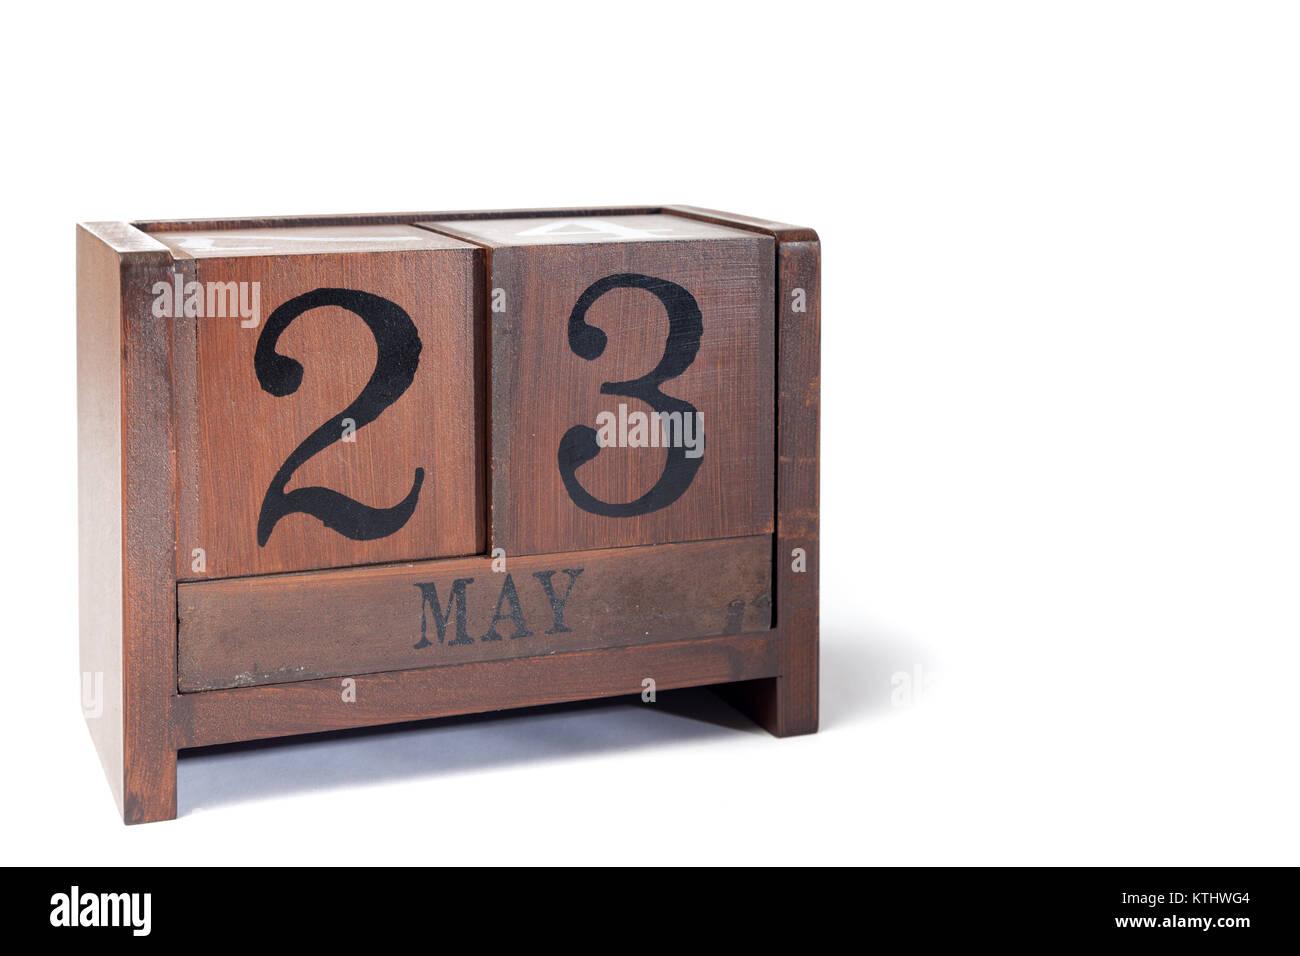 Calendrier Perpetuel Bois.Calendrier Perpetuel En Bois Fixe Au 23 Mai Banque D Images